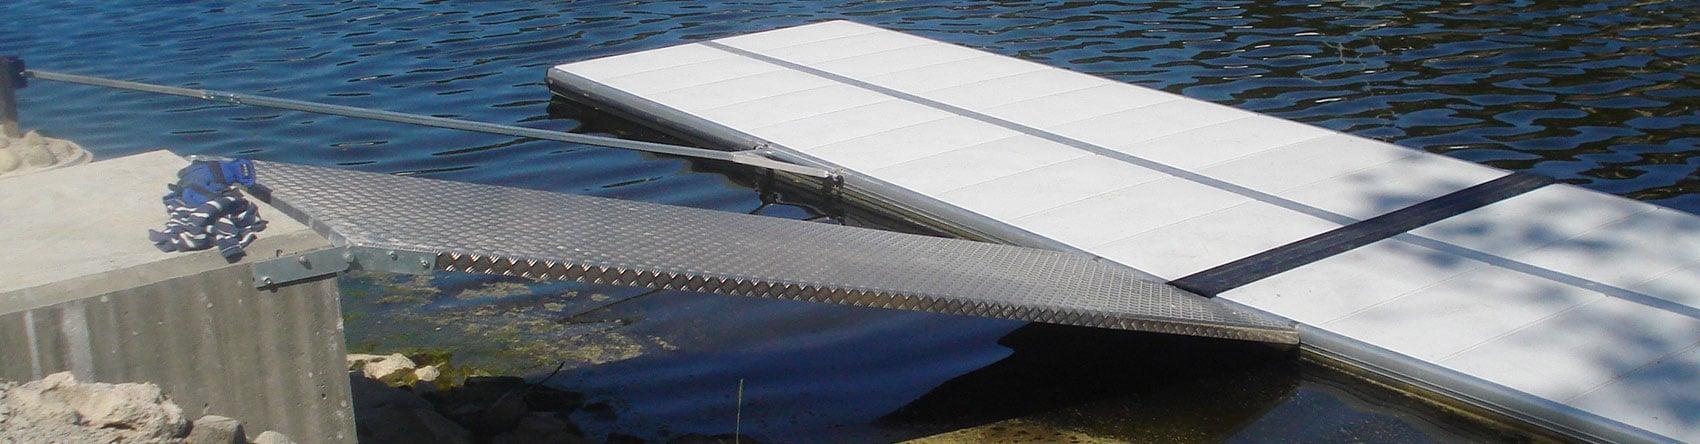 EasyFloat - Accessoires pour plateforme flottante